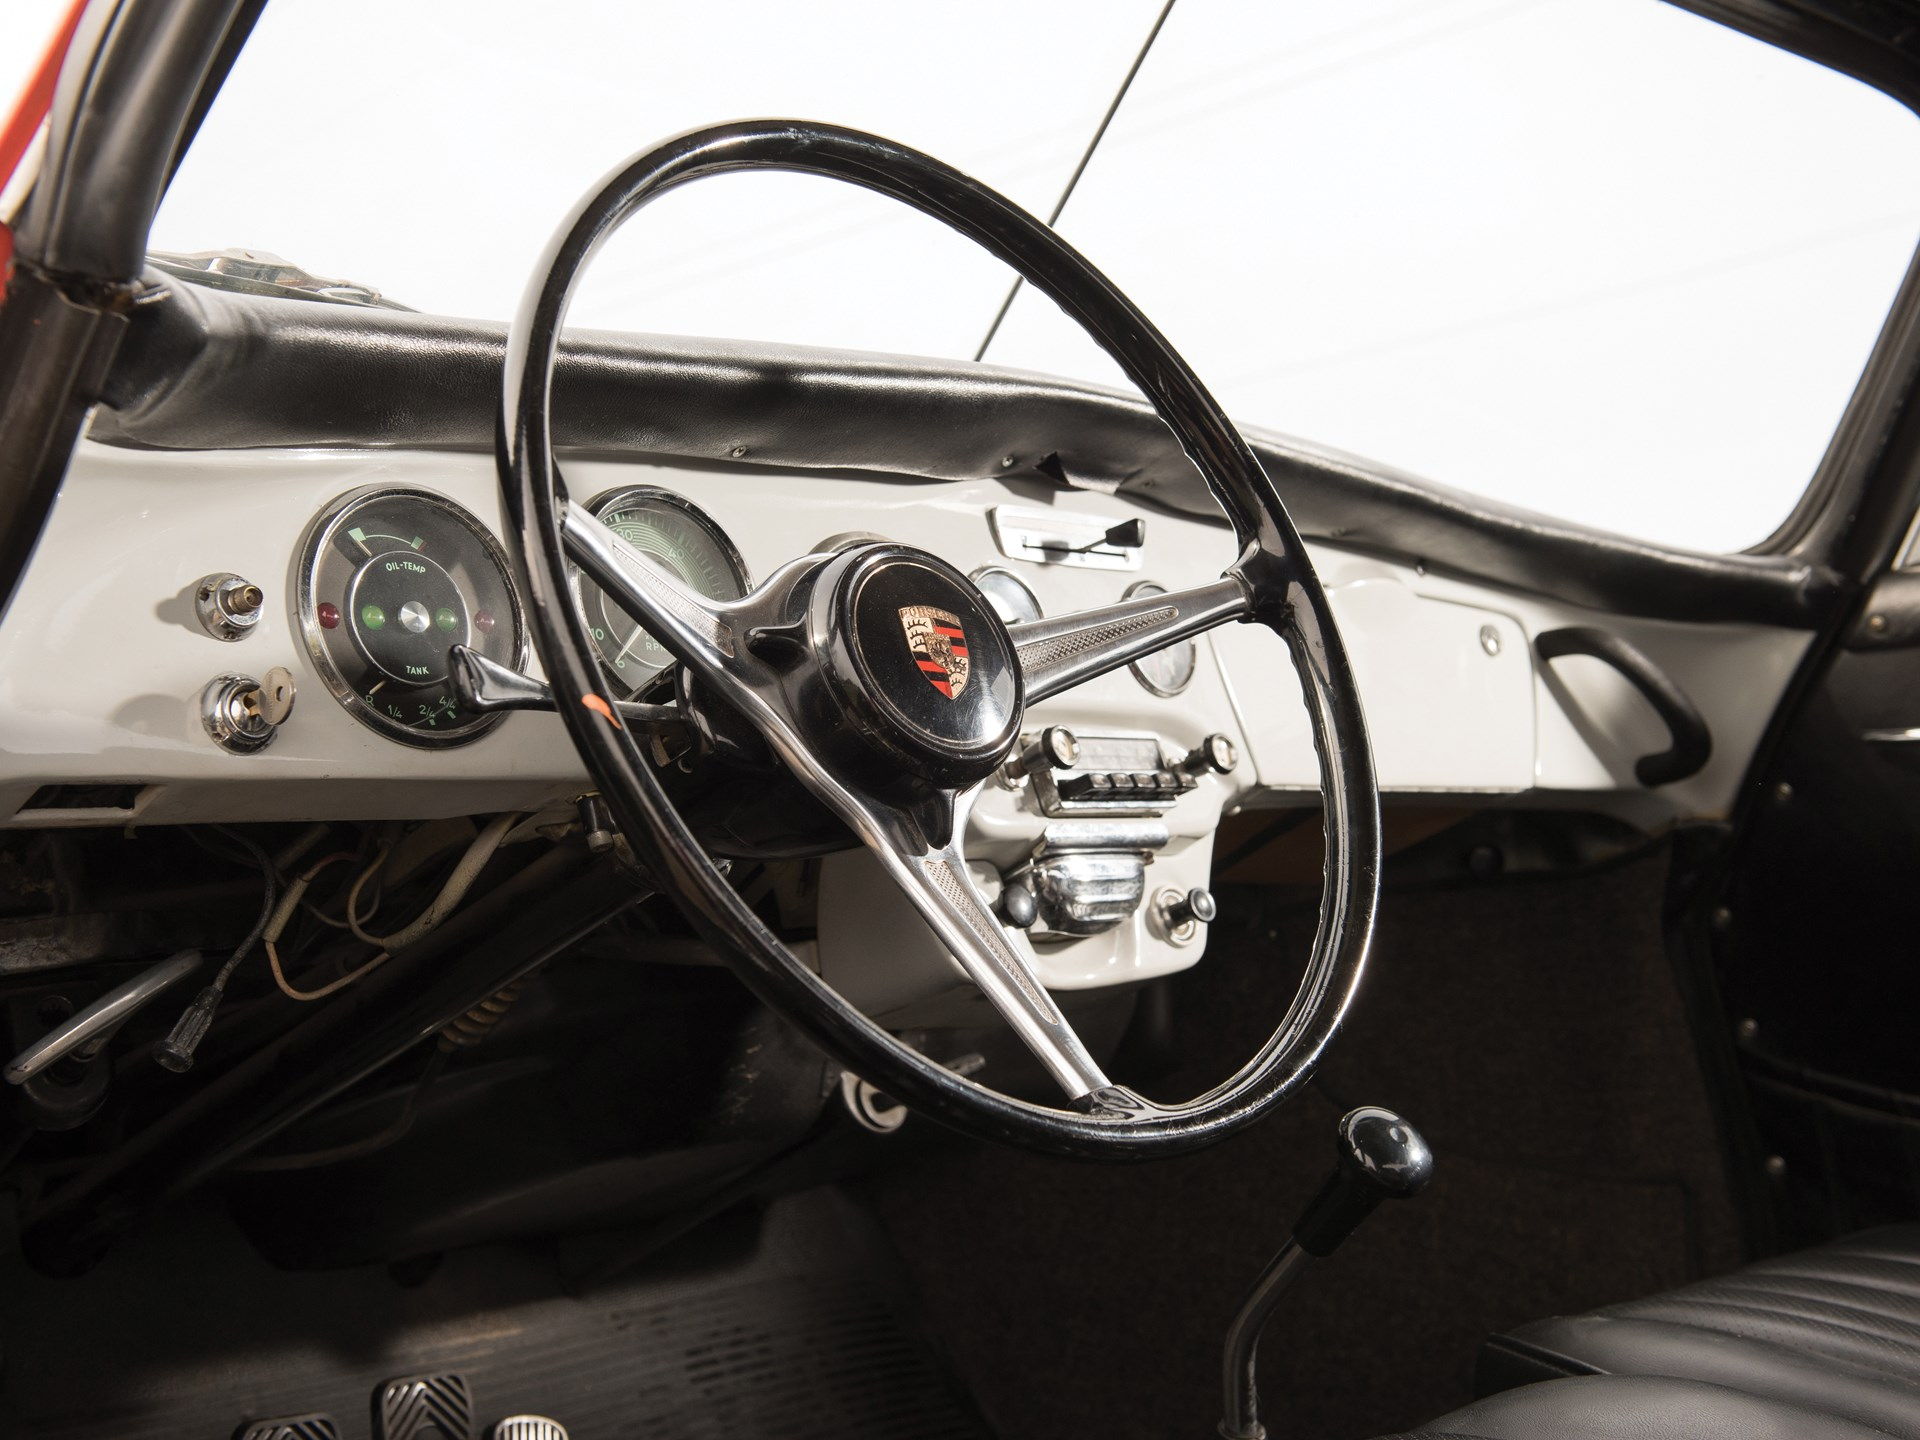 1964 Porsche 356 C 1600 SC Cabriolet by Reutter